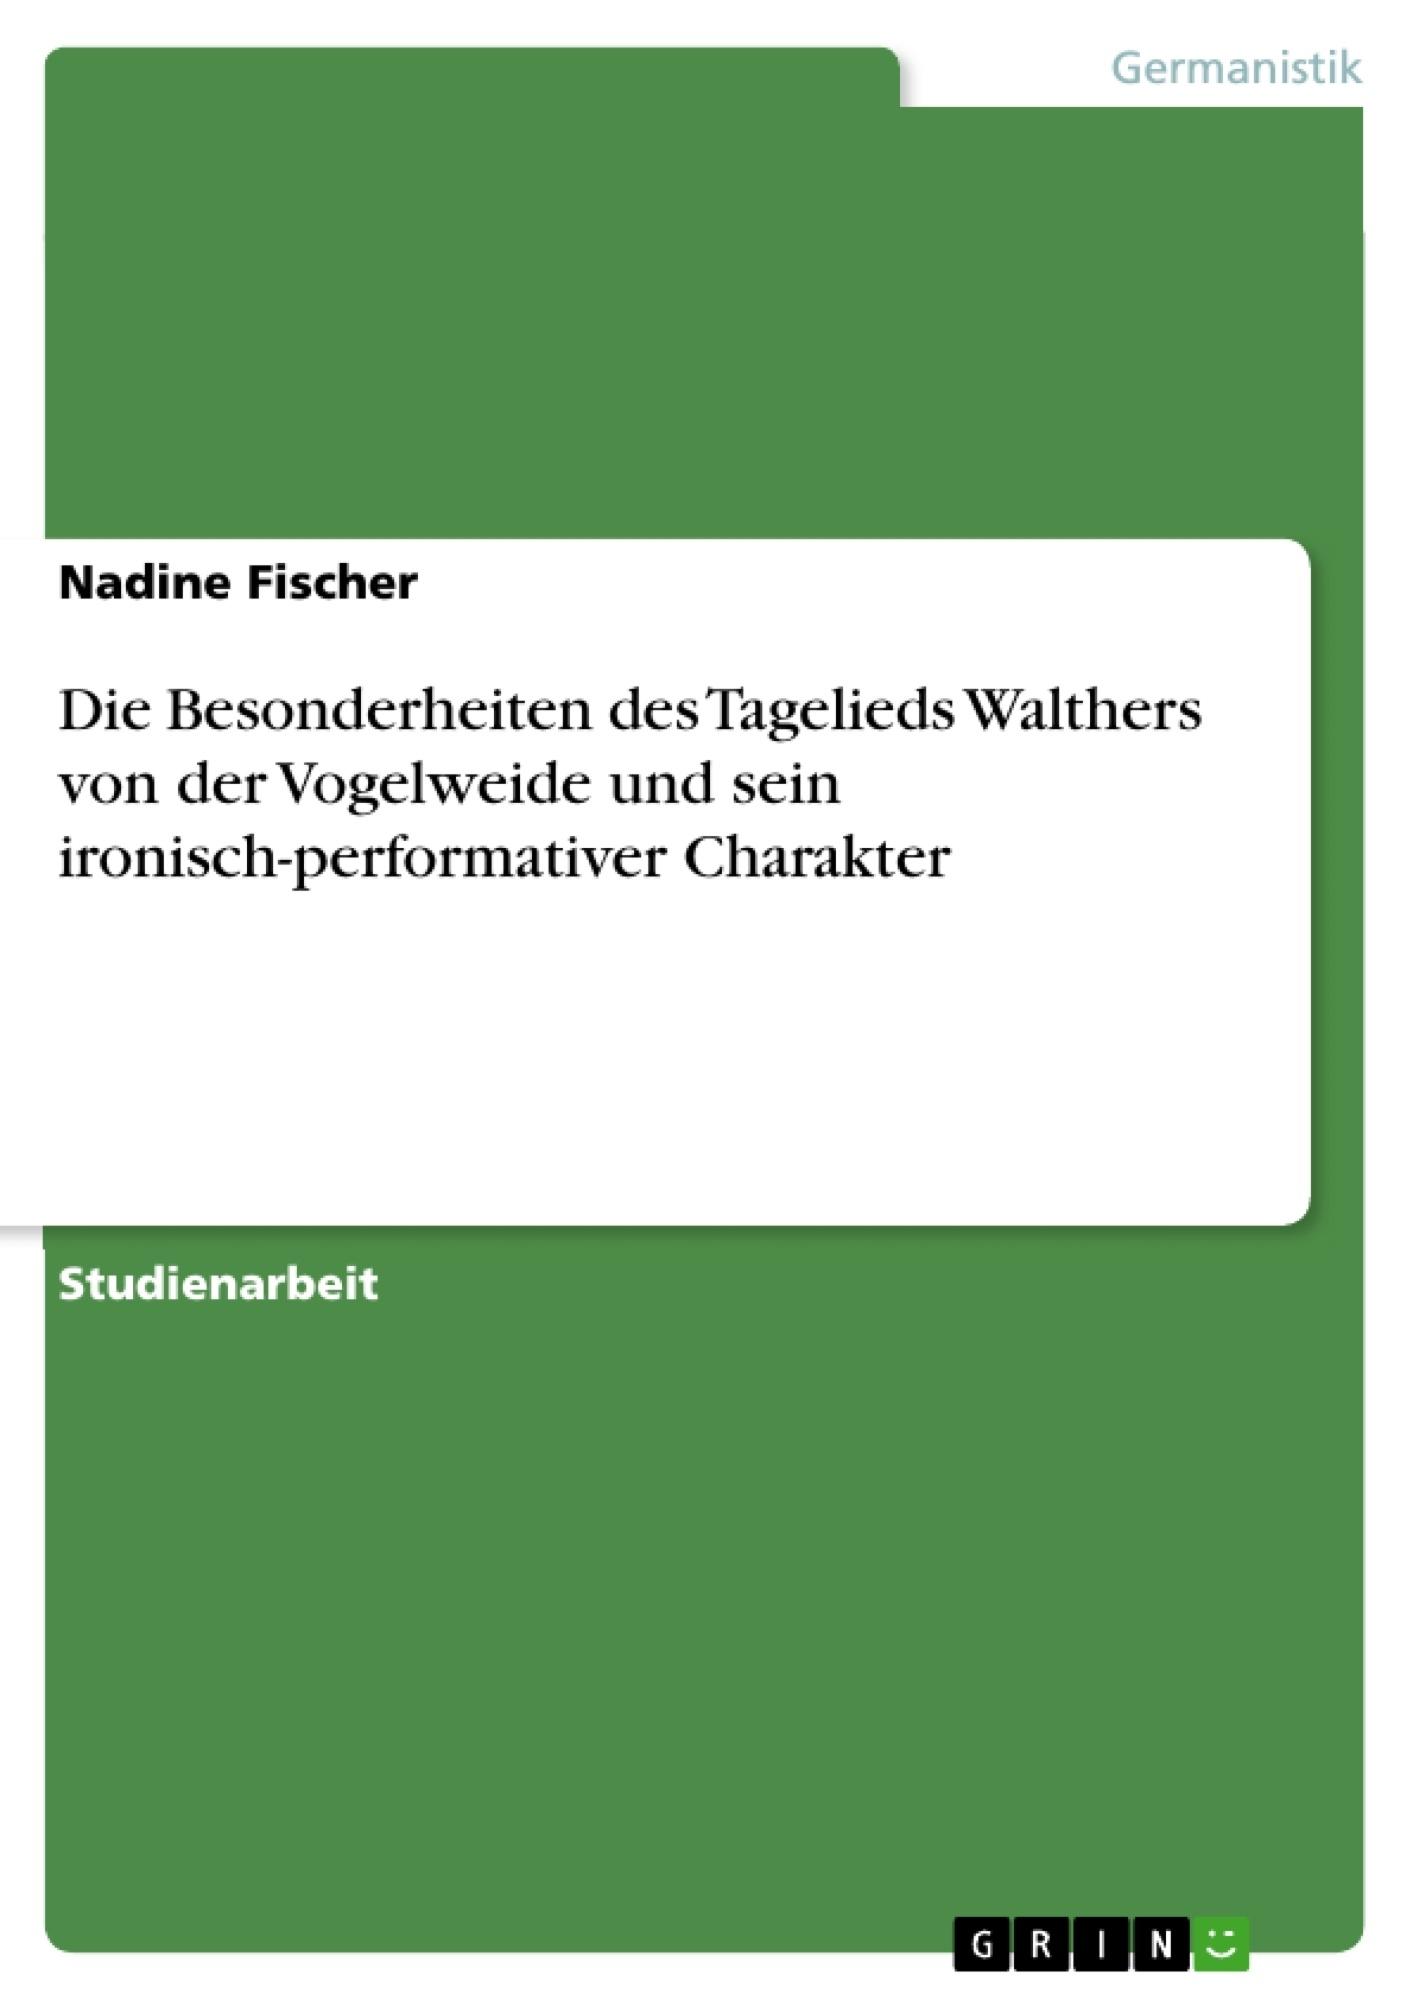 Titel: Die Besonderheiten des Tagelieds Walthers von der Vogelweide und sein ironisch-performativer Charakter